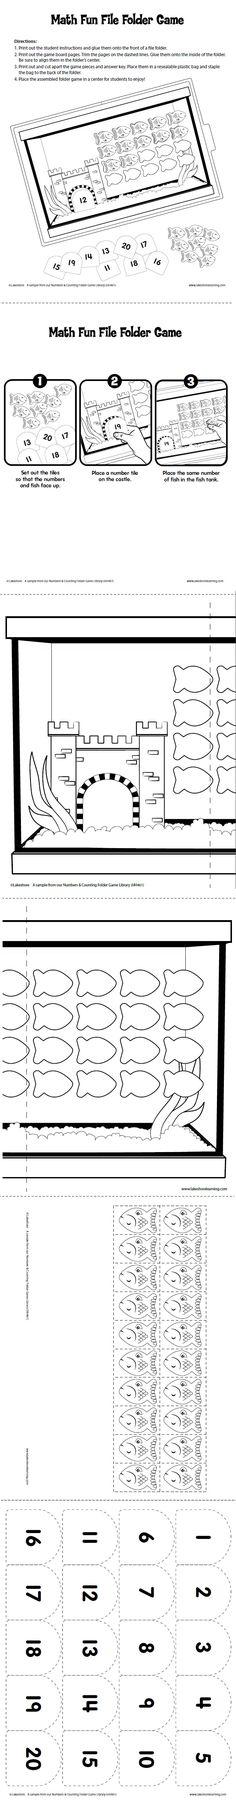 lighthouse dot to dot 121 kindergarten math worksheet